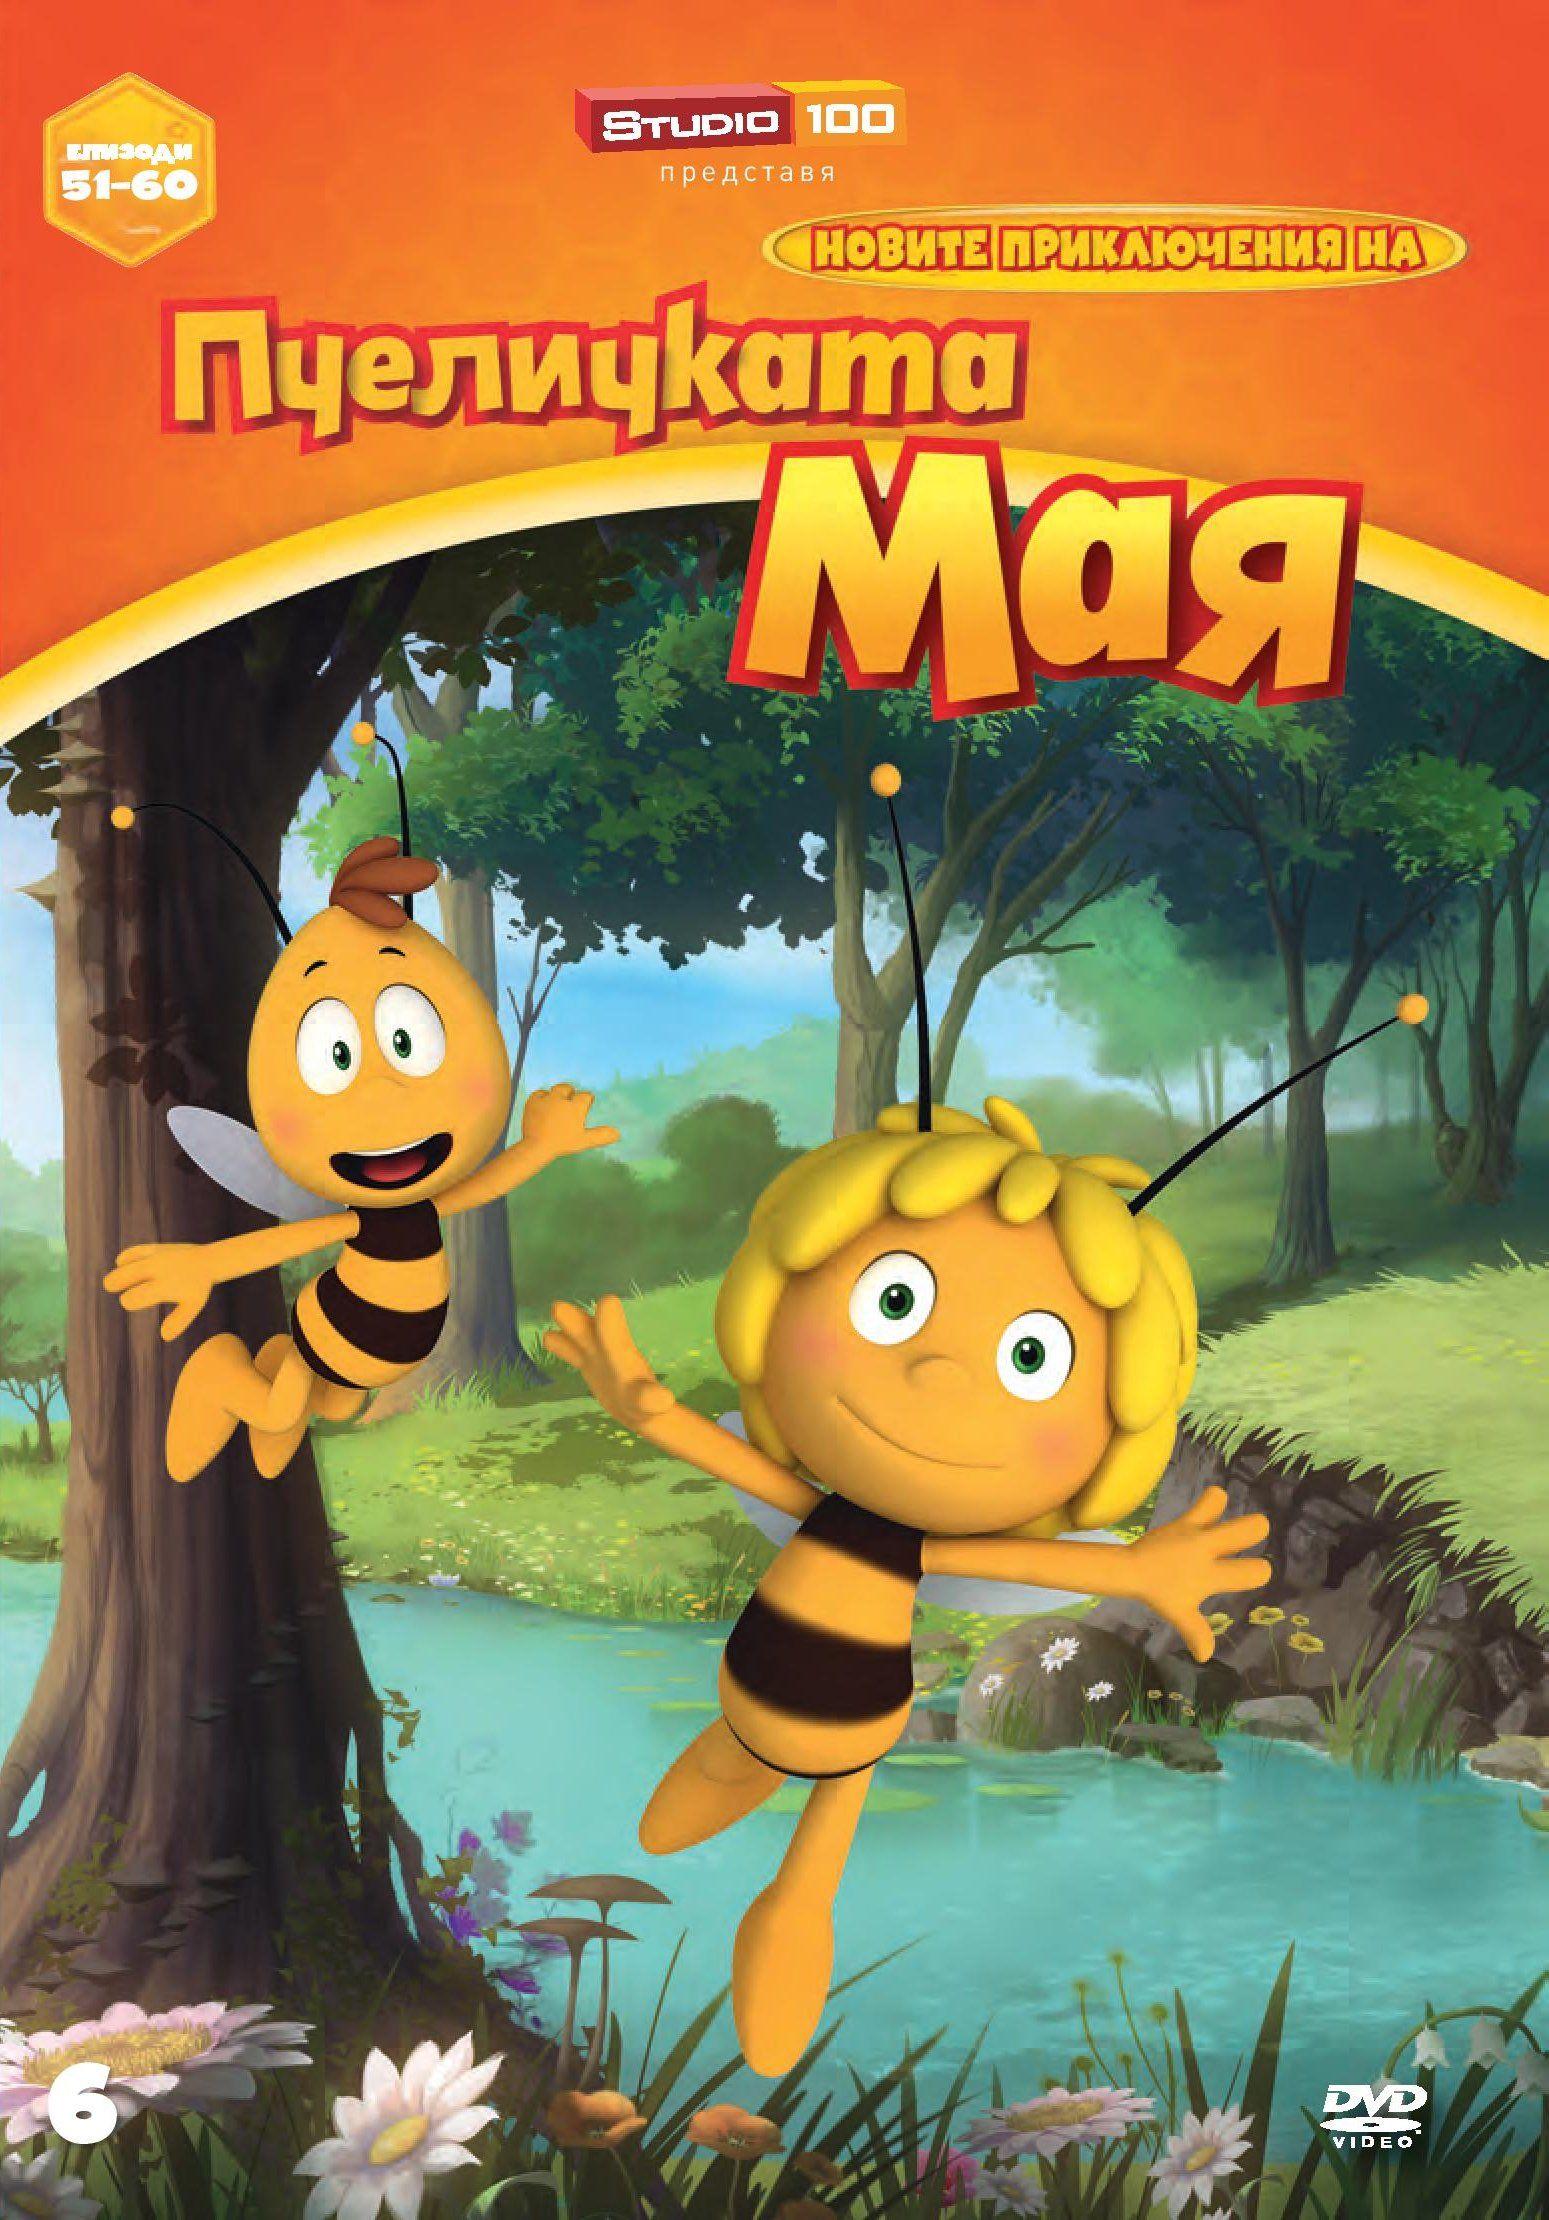 Новите приключения на пчеличката Мая - диск 6 (DVD) - 1